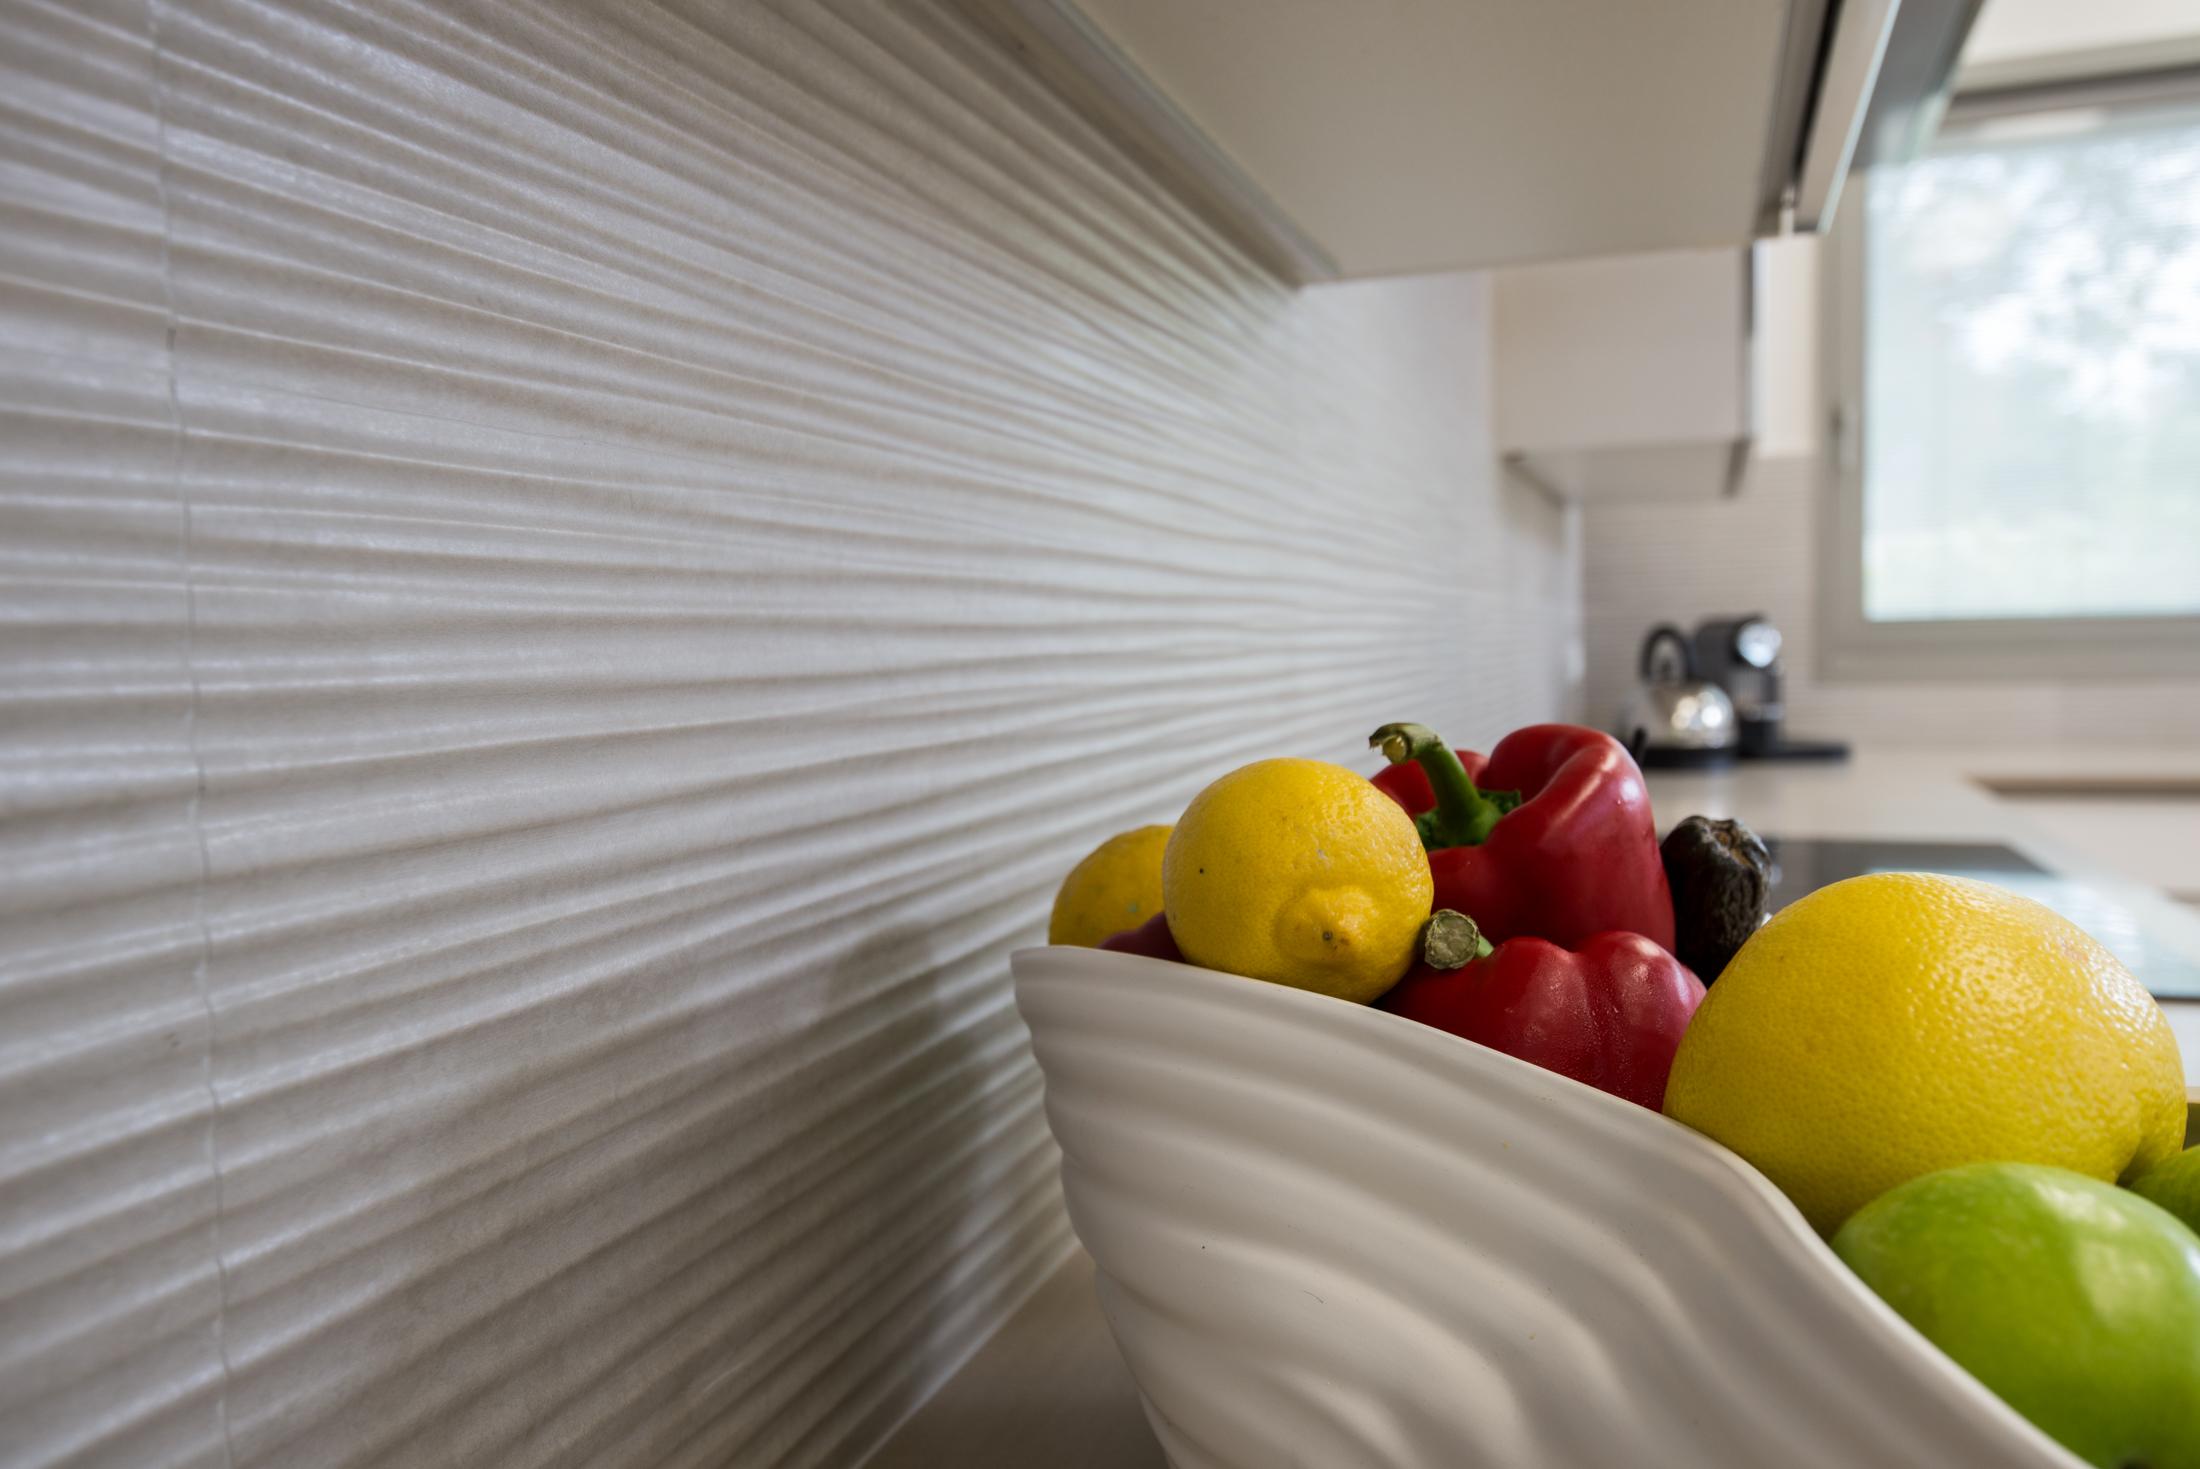 חיפוי קרמיקה במטבח